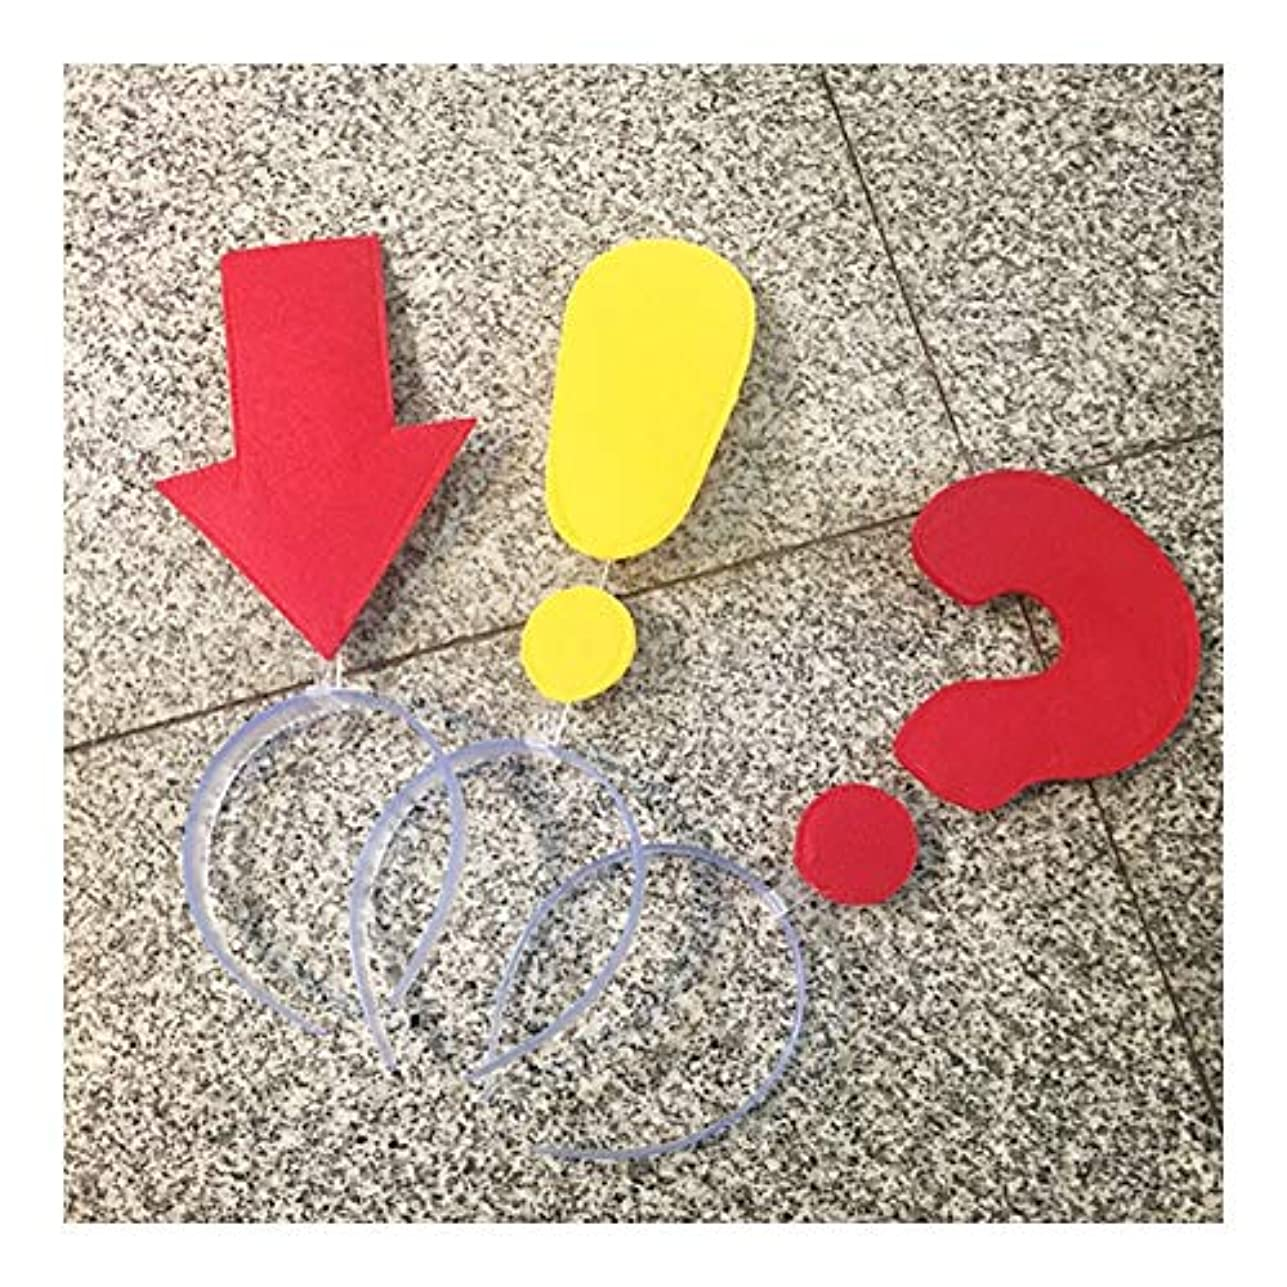 市の中心部ニュージーランドバケットHONGYANG ファニー販売かわいい疑問符記号カチューシャ楽しいパーティーの小道具ヘアピンパーソナリティヘッドバンドクリエイティブヘアピン男性と女性 (Color : Red, スタイル : Exclamation mark)